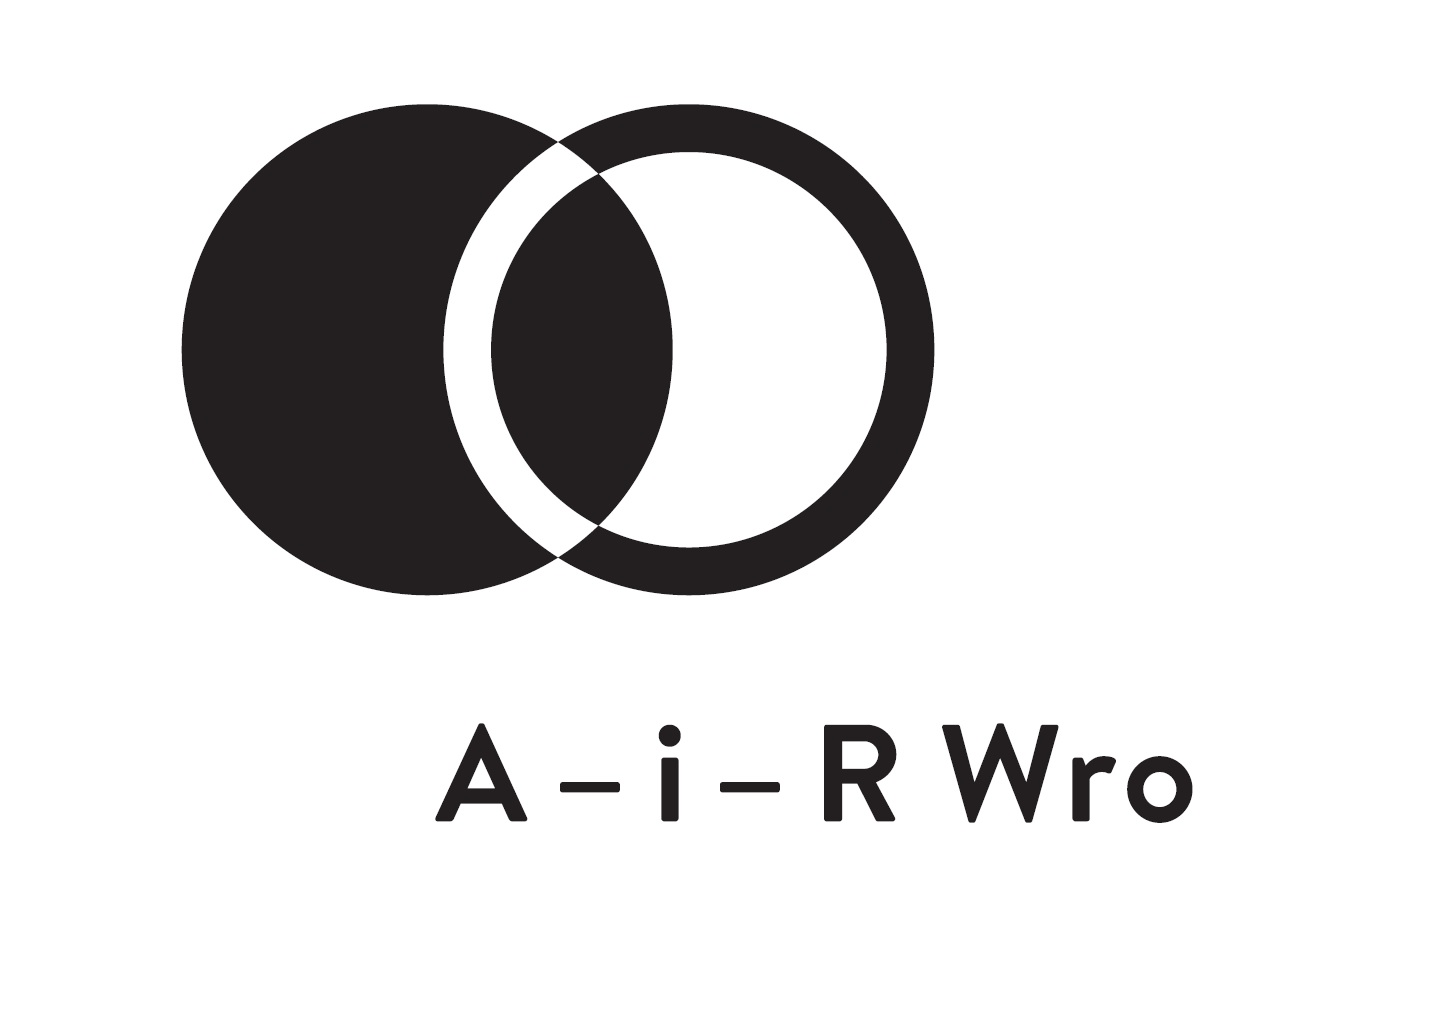 airwro.jpg